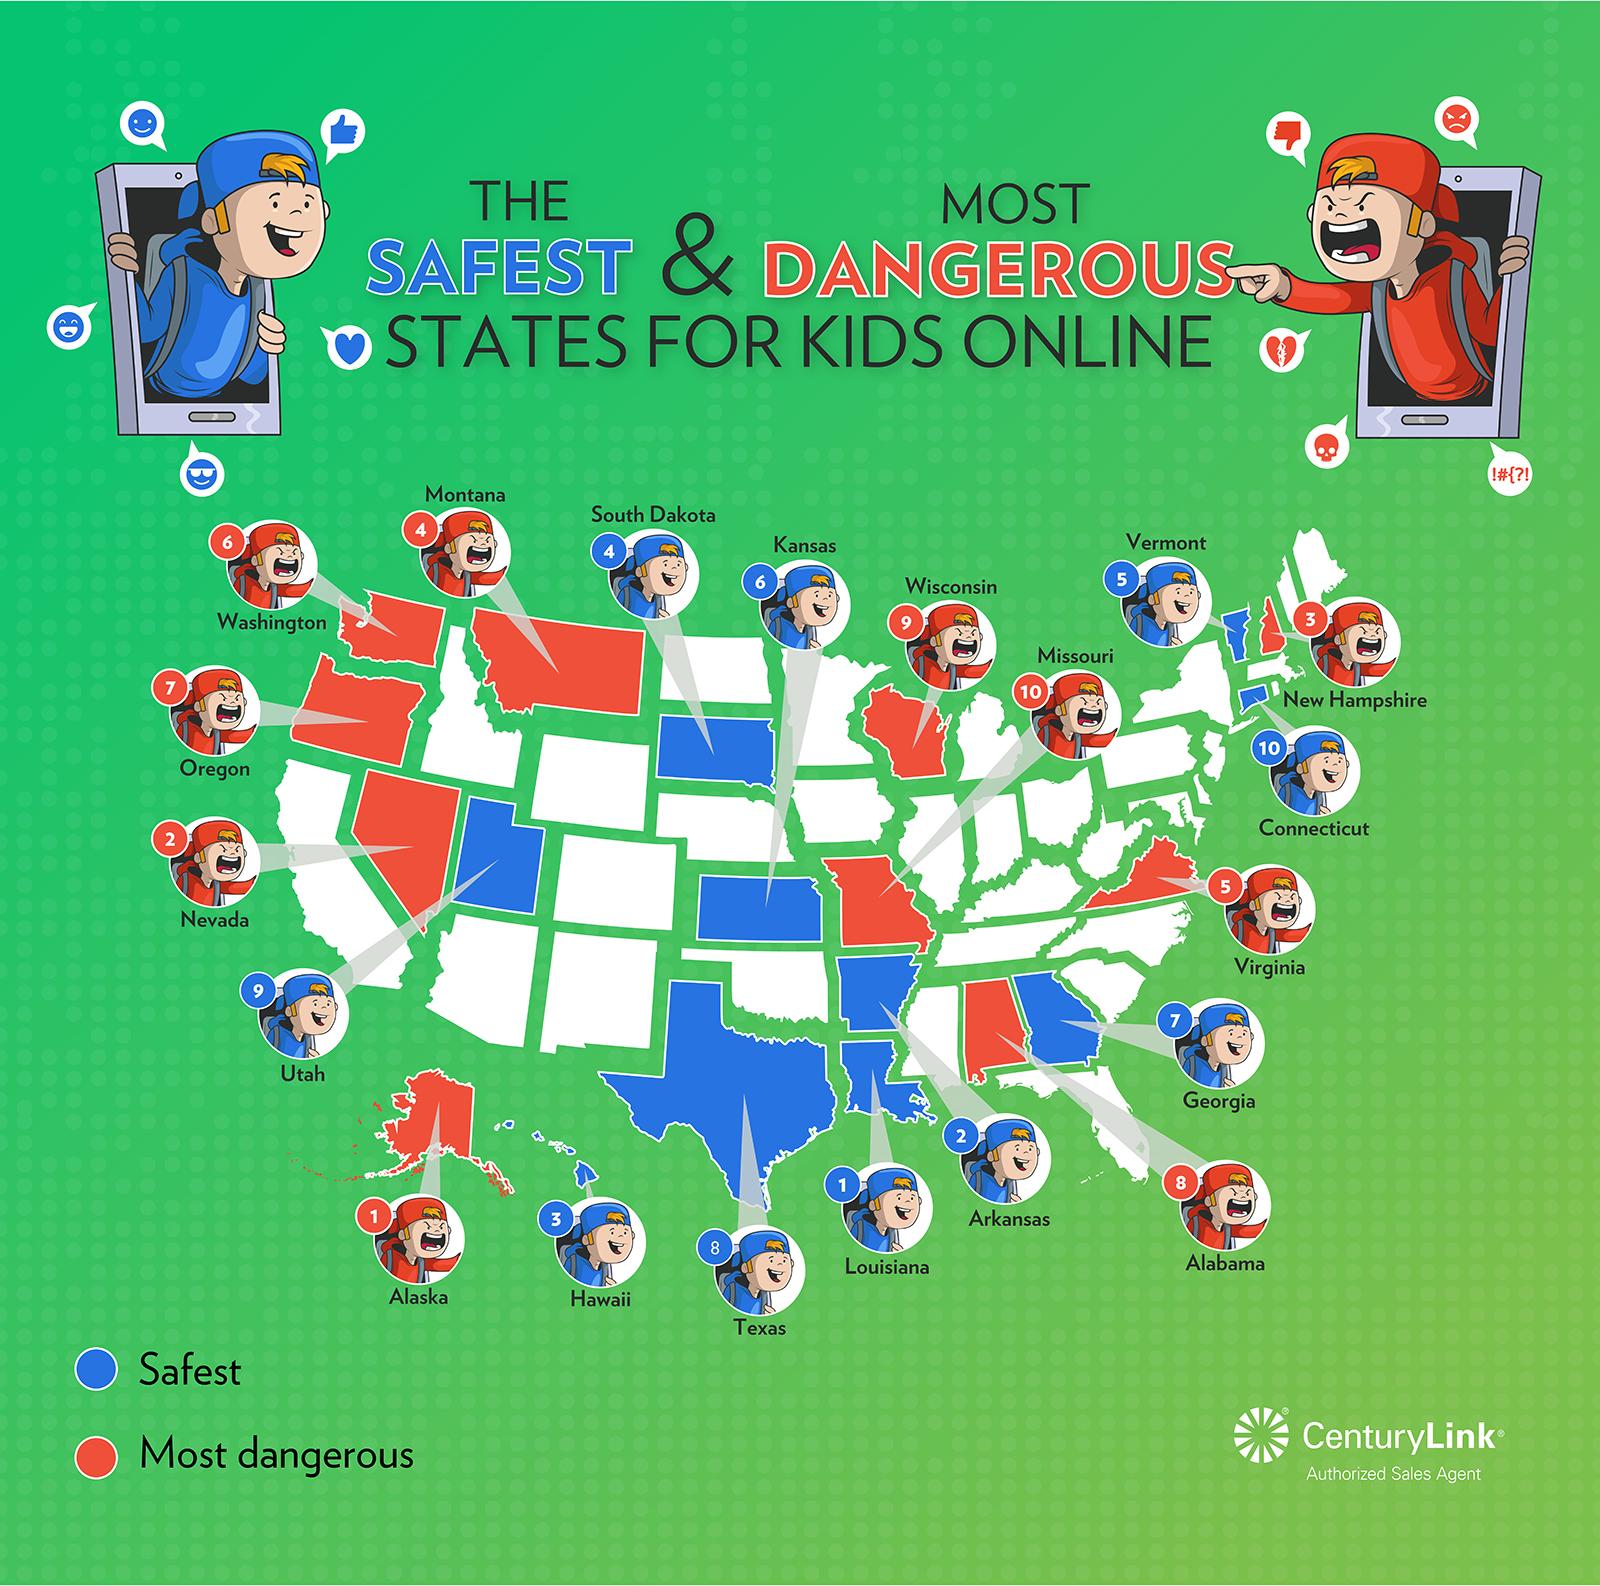 Safest States For Kids Online